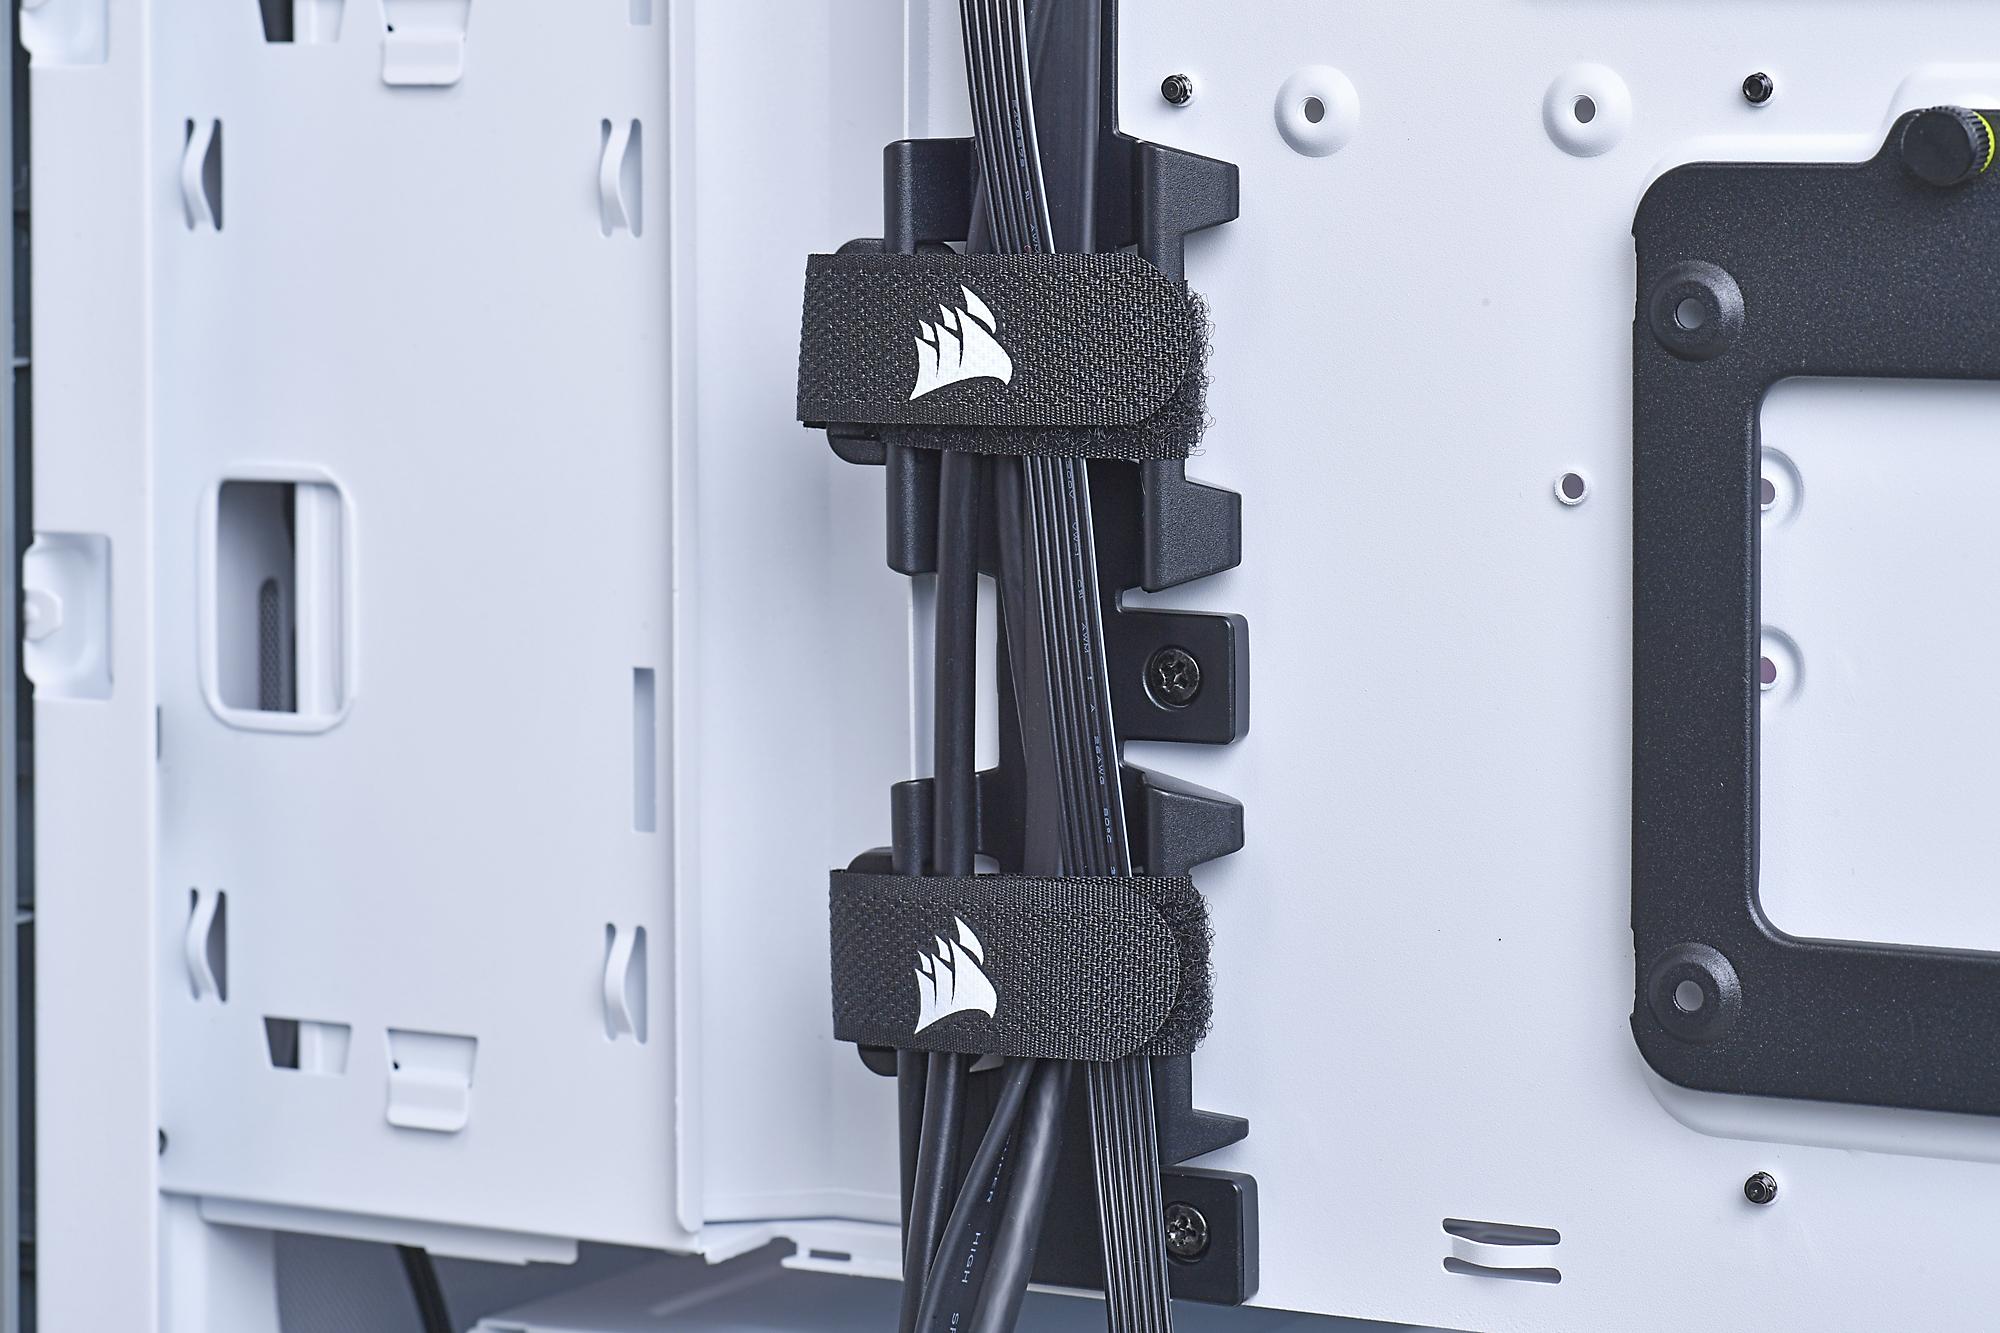 ケーブル用のガイドを装備し、また面ファスナーでしっかりと固定できるのもうれしいところ。